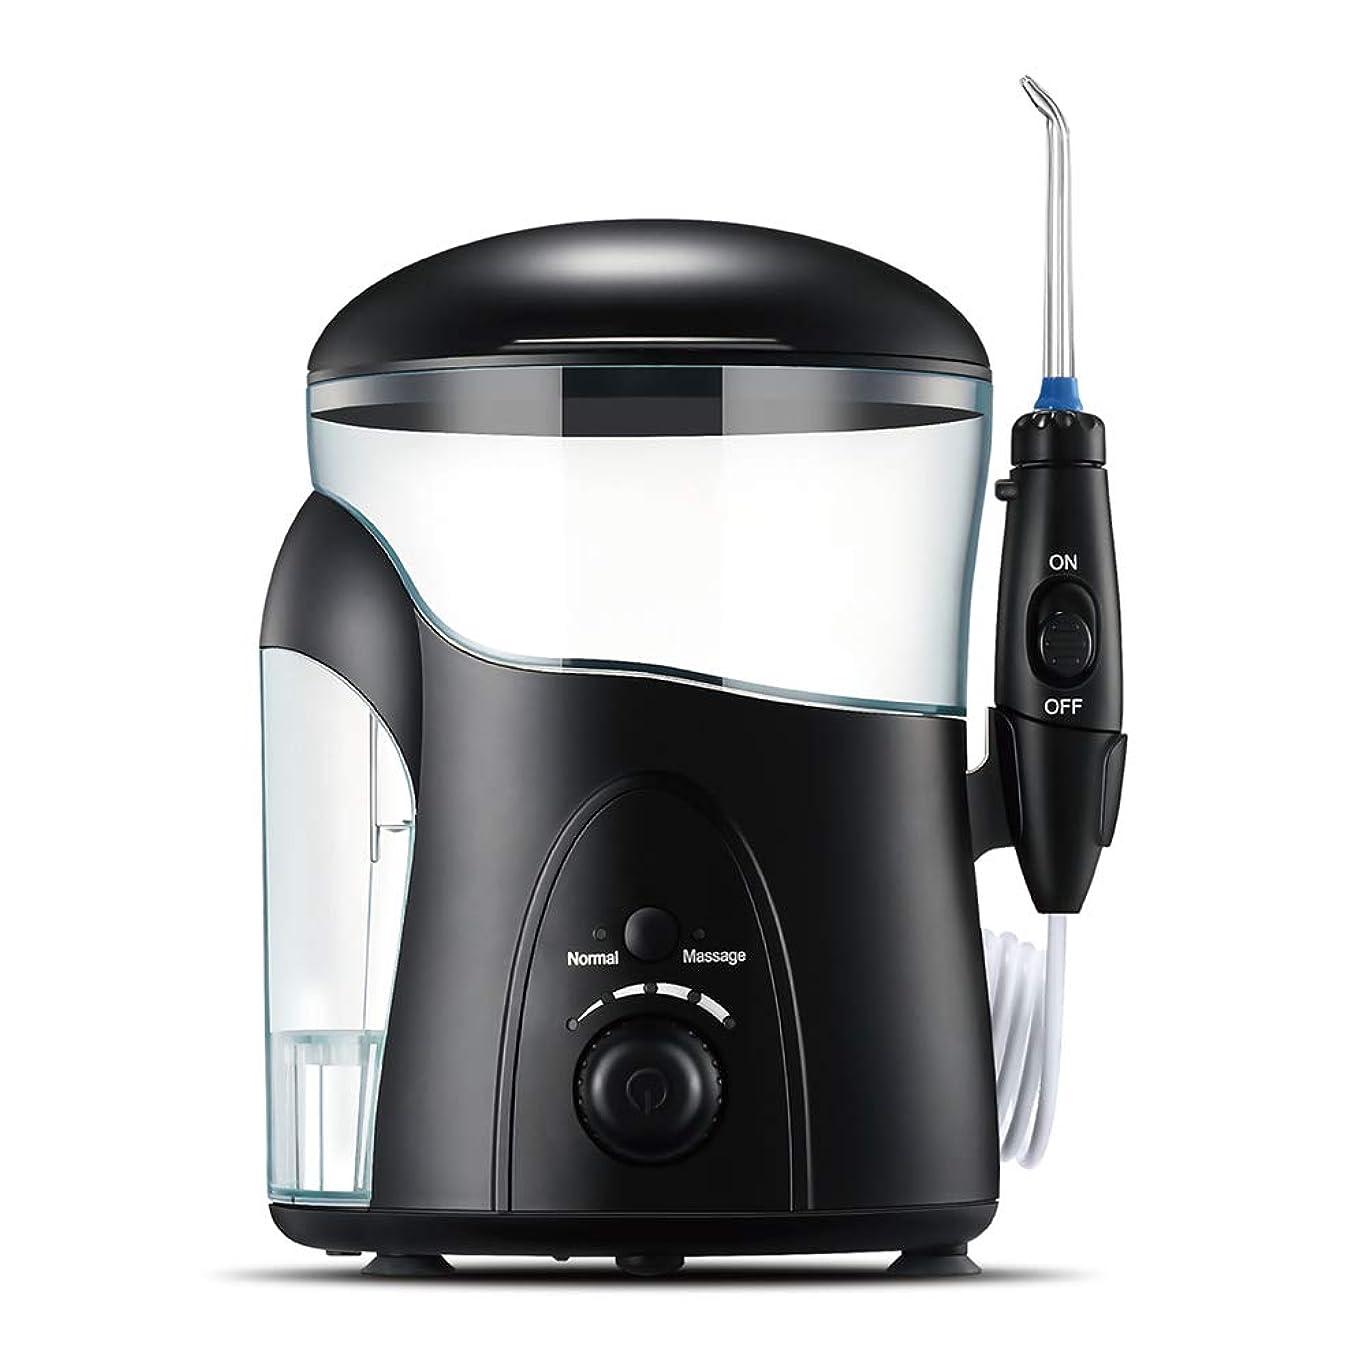 継承説得力のある小石コードレス水デンタルフロス器具、家庭や旅行のための600mlの洗浄可能な水タンクと歯ポータブル2モードの歯クリーナーのための水のフロス器具